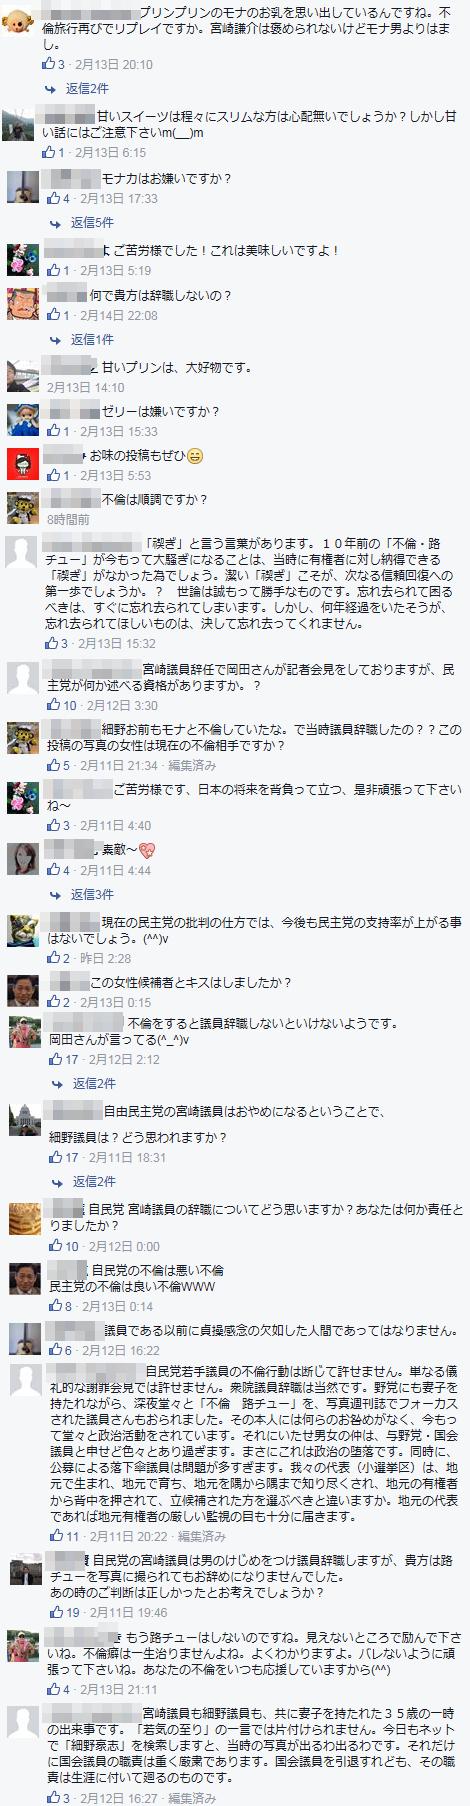 細野議員「路チュー」facebook